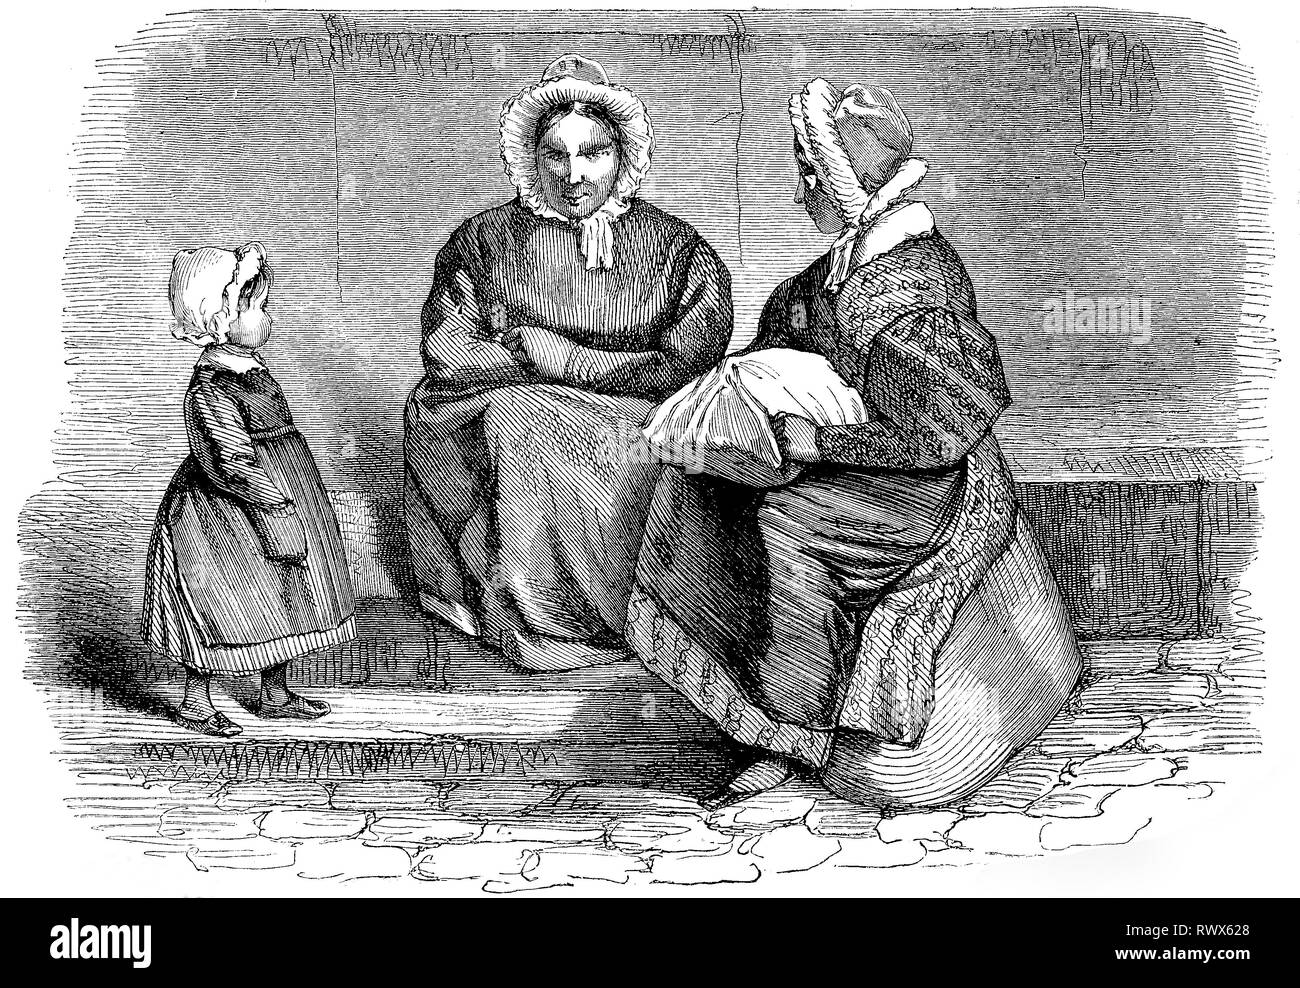 Zwei Frauen und ein Kind sitzen an der Straße / two women and a child sitting in the street - Stock Image